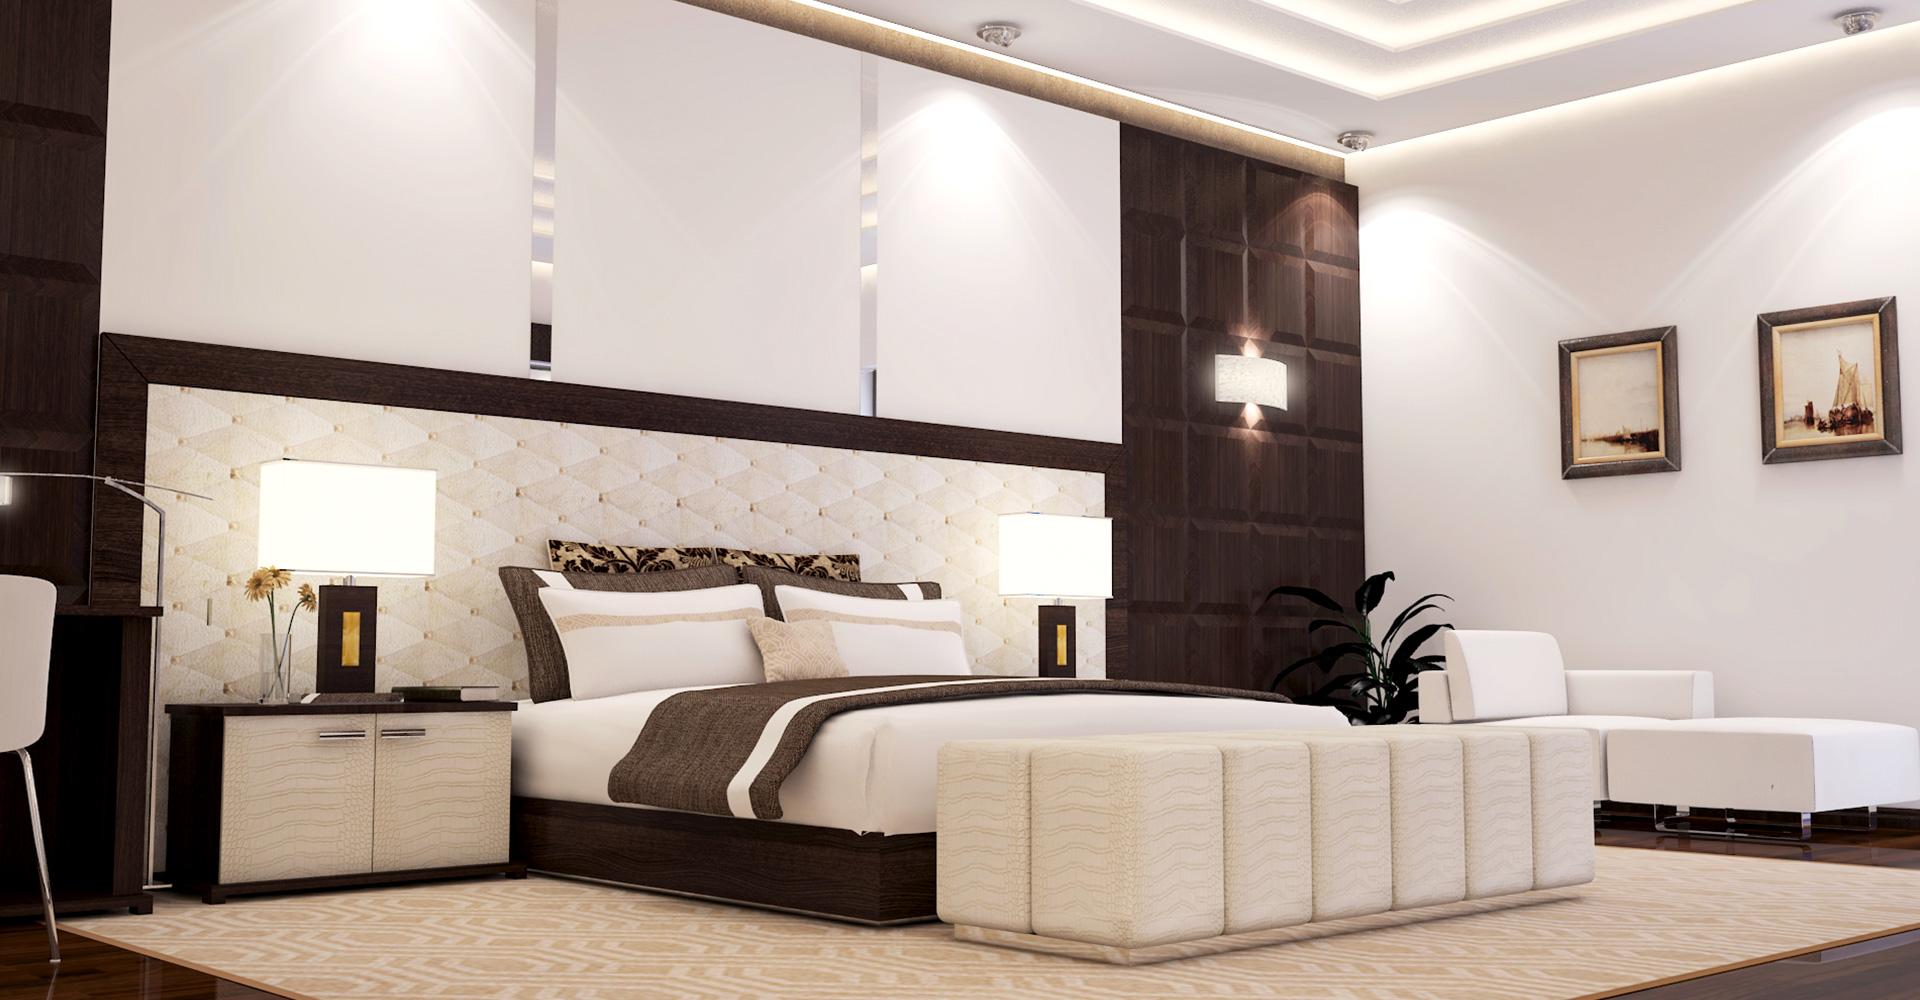 Residential-Interior-Design-Hiline-Lahore-portfolio-65J-DHA-EME-05 (58)